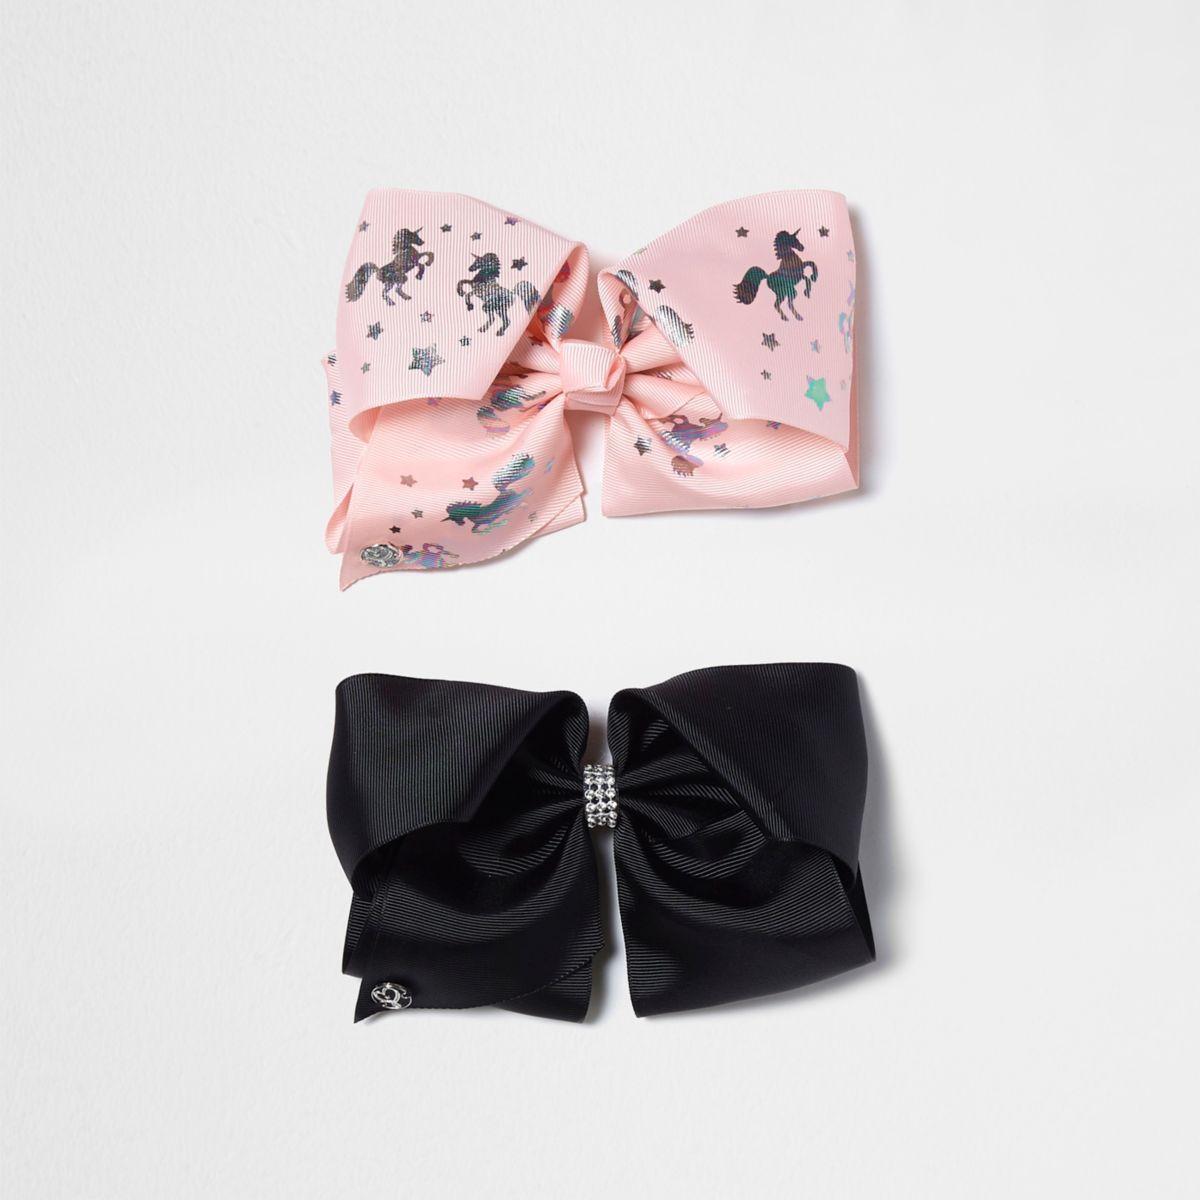 JoJo – Einhorn-Schleifen in Pink und Schwarz, Set